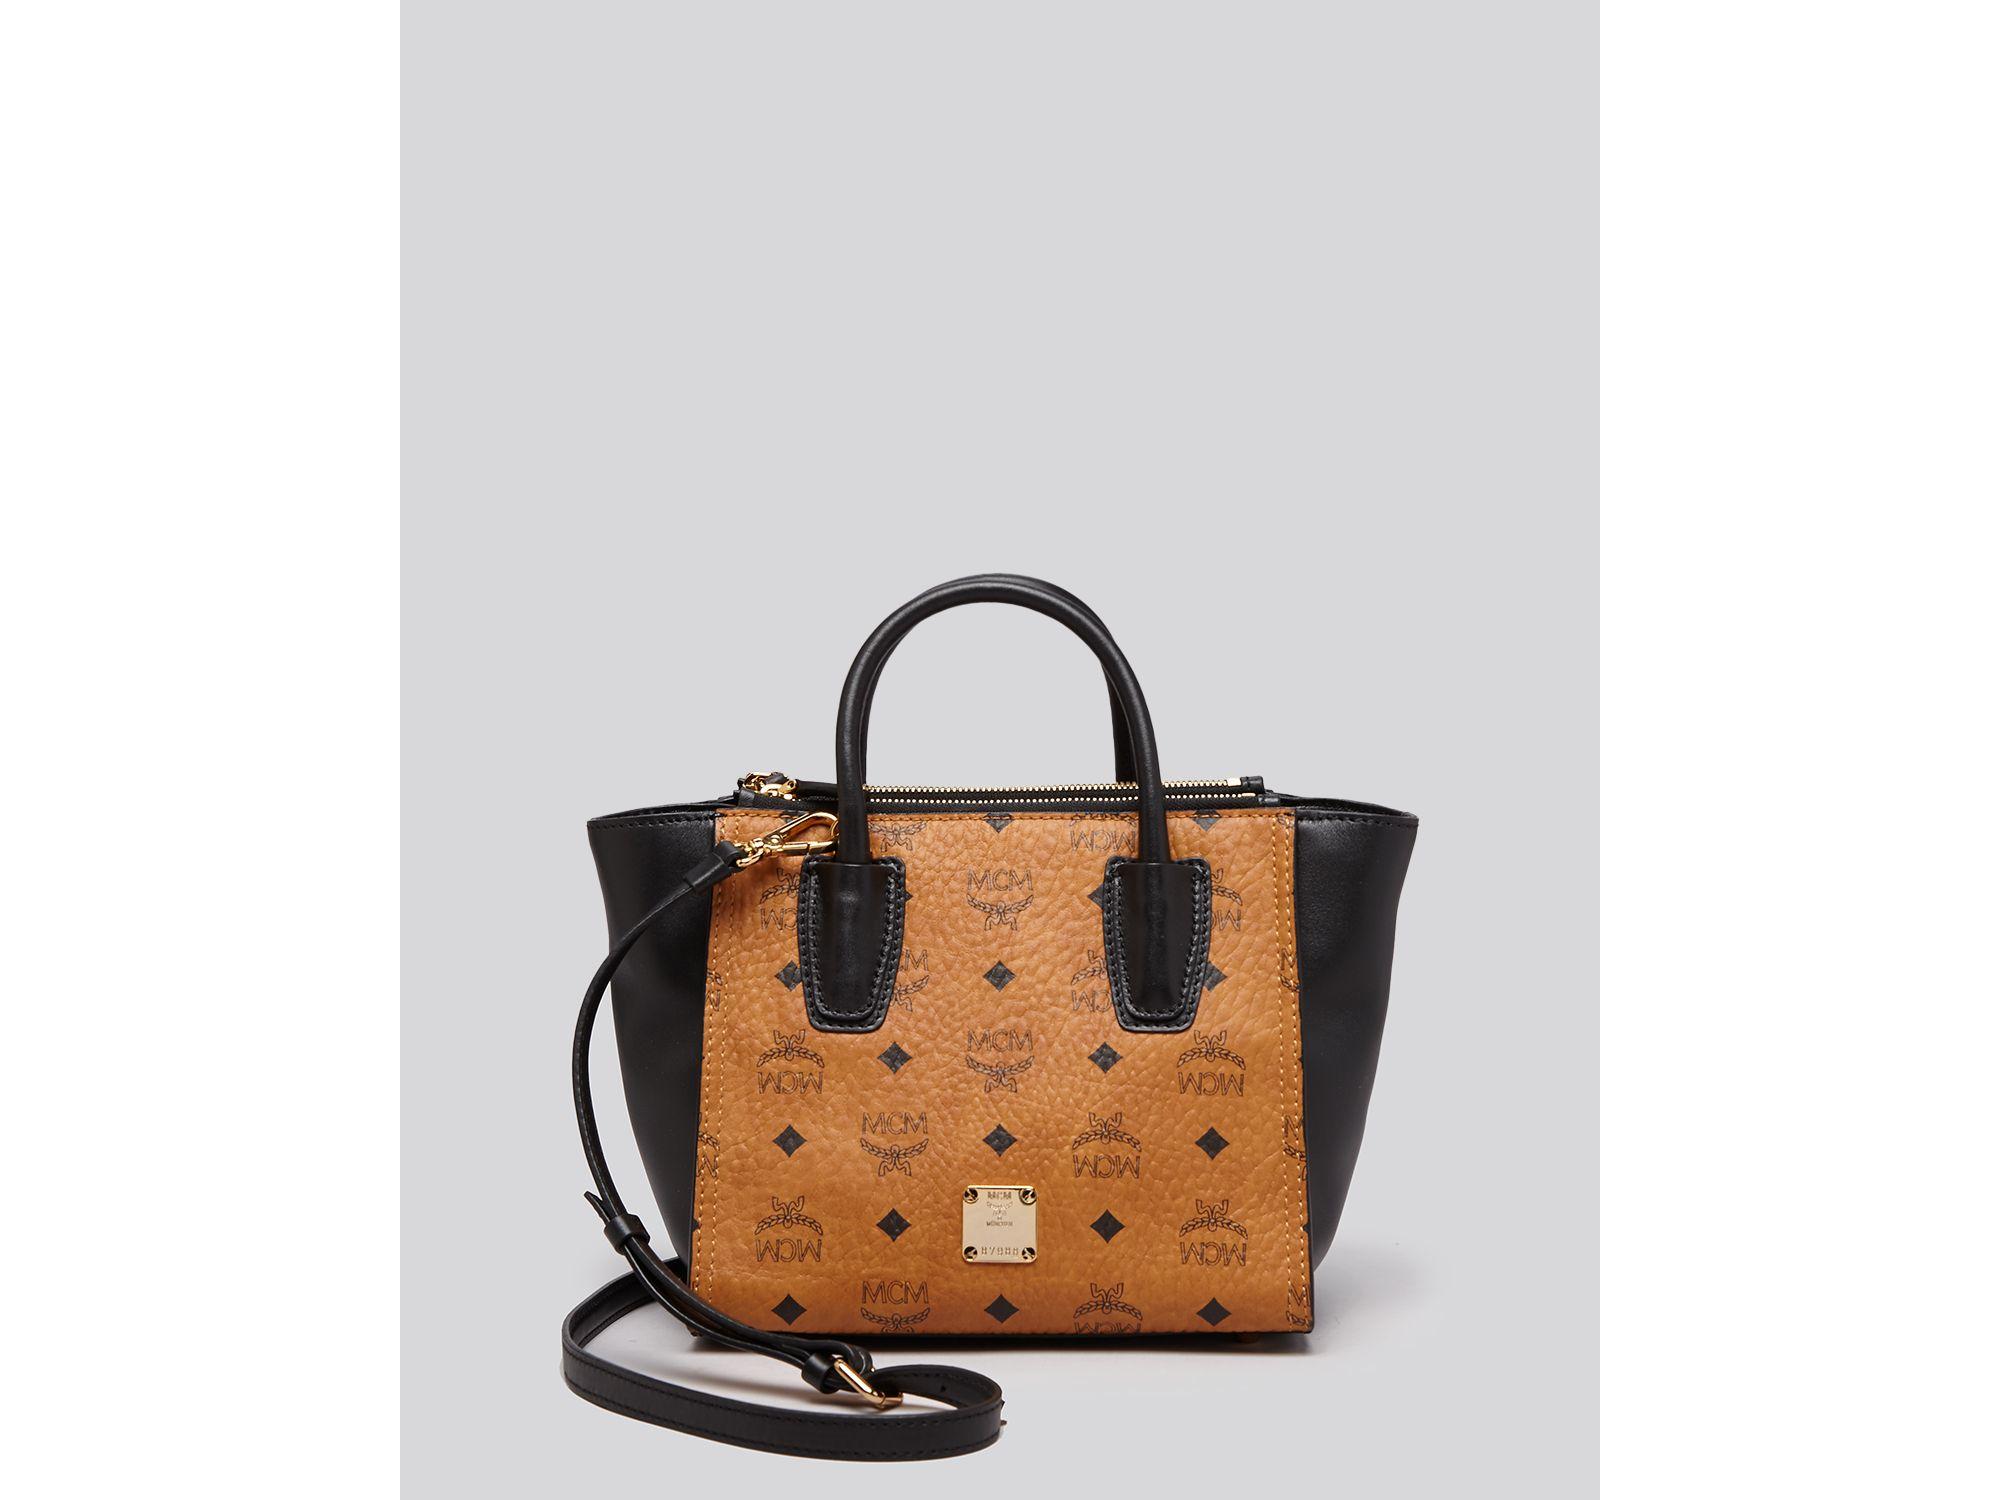 203ec0ad25 Mcm Tote - Visetos Kathy Small Double Zip in Brown (Cognac Black .. prada  saffiano mens - Prada Saffiano Doublezip Small Shoulder Bag ...